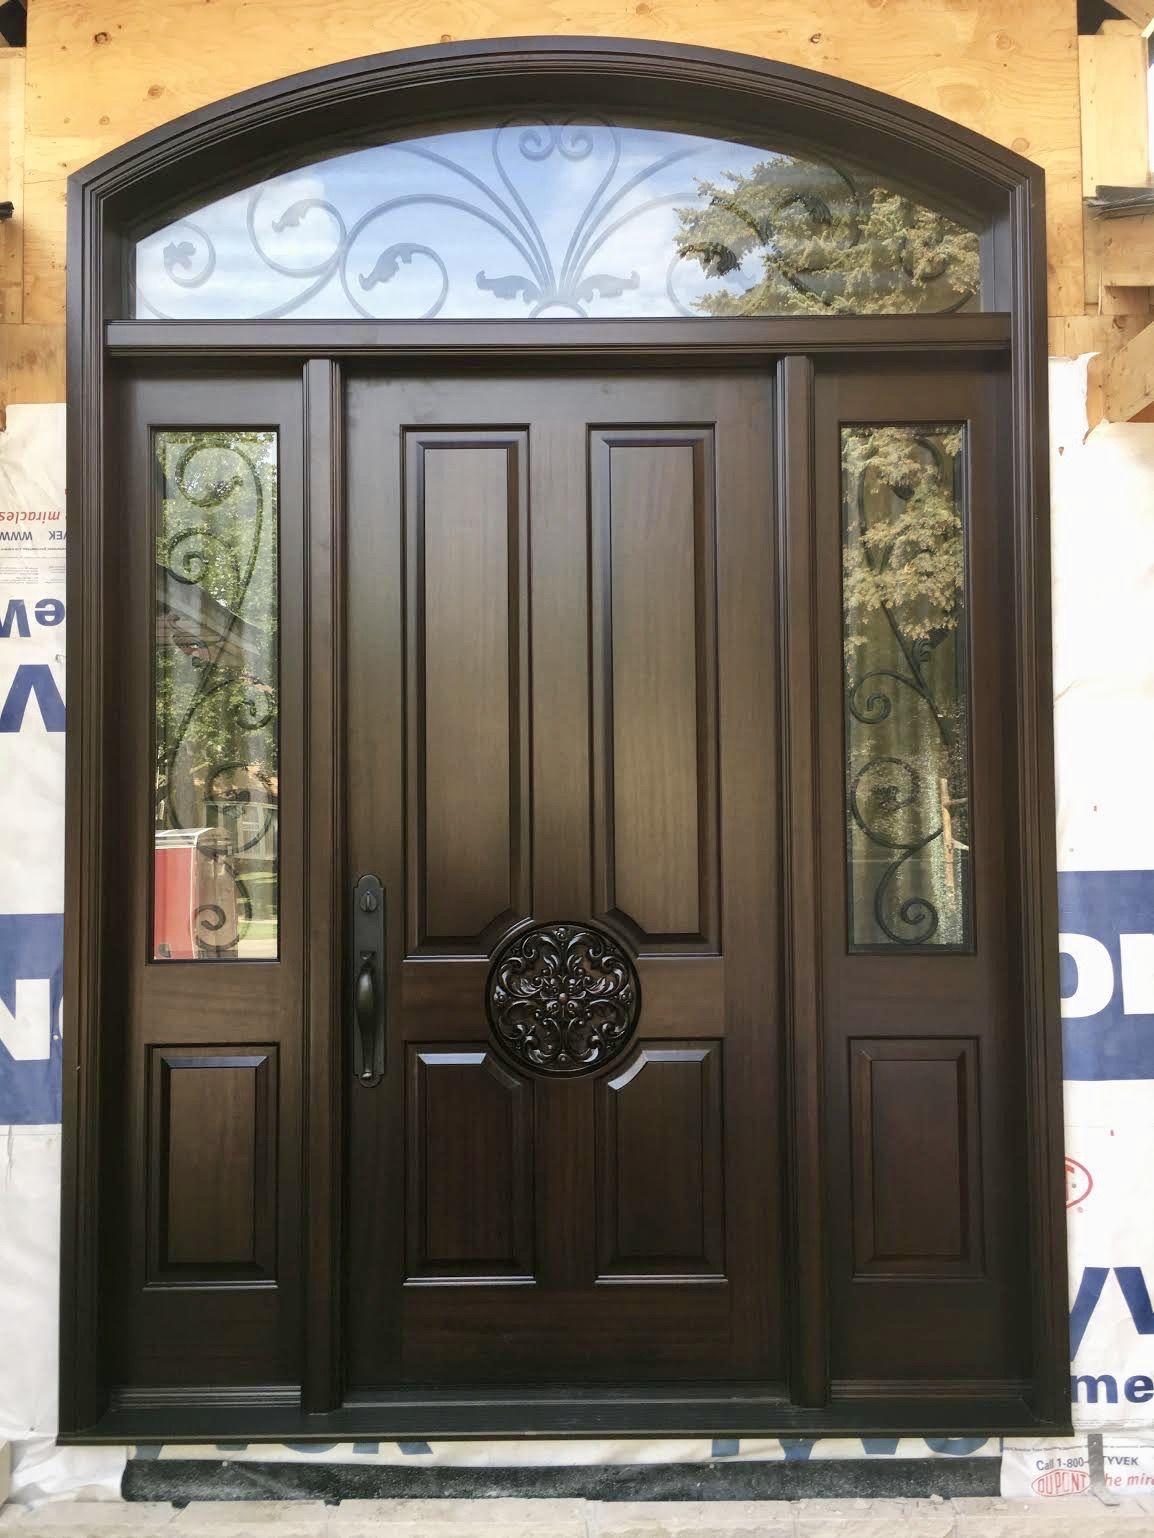 New Construction Features Stunning Handmade Custommade Solid Mahogany Amberwooddoor With Metal Doors Design Entrance Door Design Front Door Design Wood